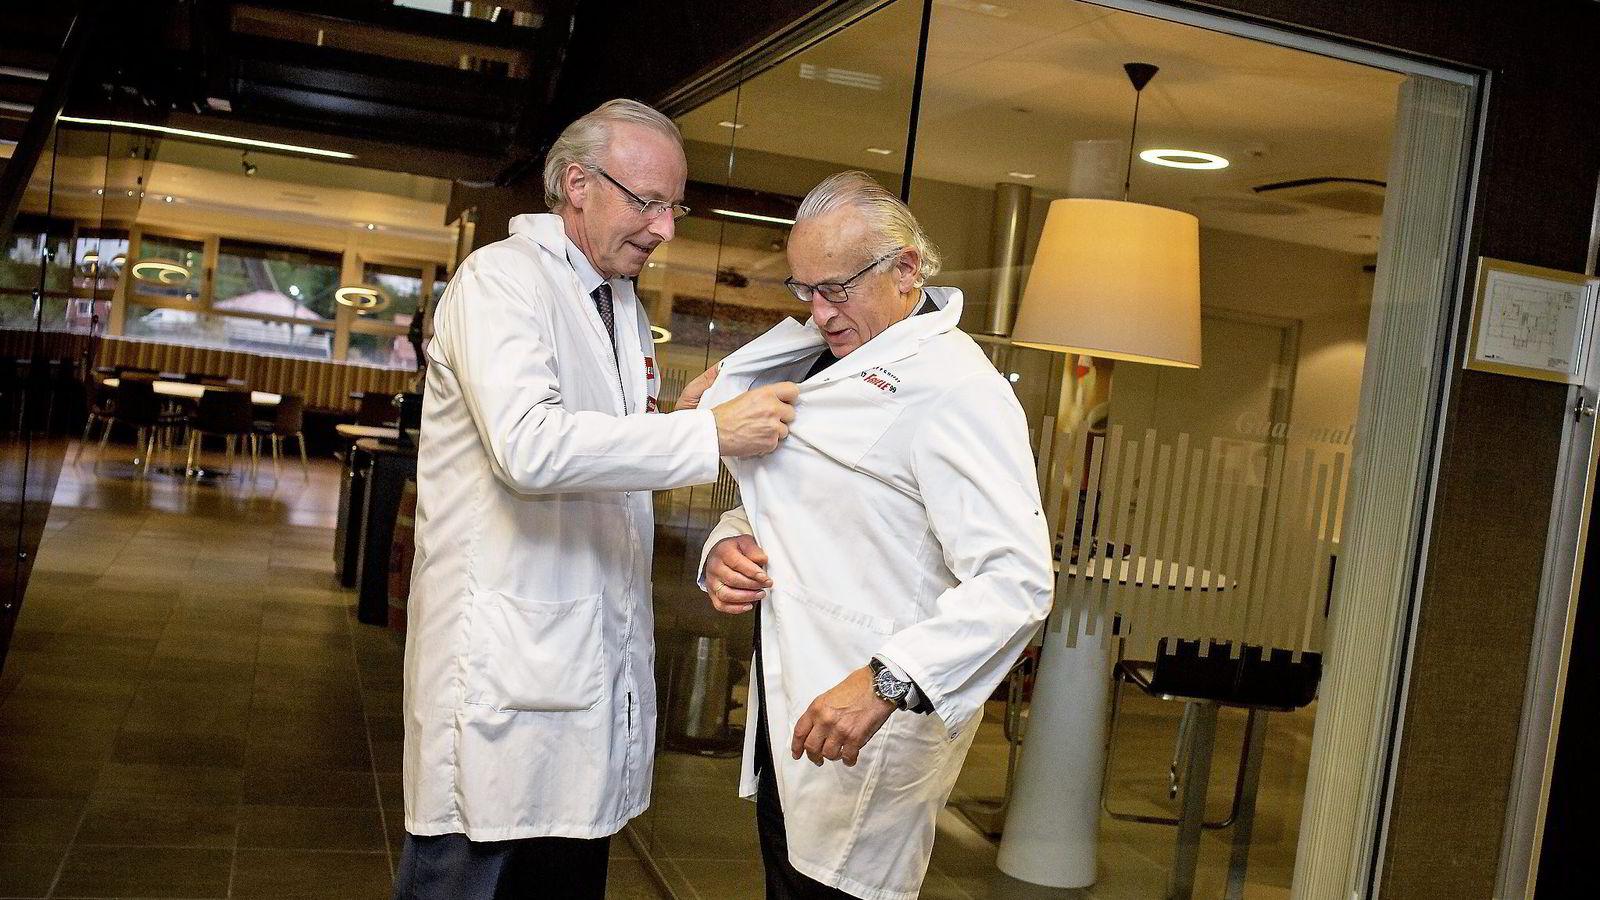 Ifjor solgte Herman Friele (til høyre) størsteparten av familiebedriften til hollandske D.E. Master Blenders. Her er han sammen med Olav Munch, administrerende direktør i Kaffehuset Friele.                Foto: